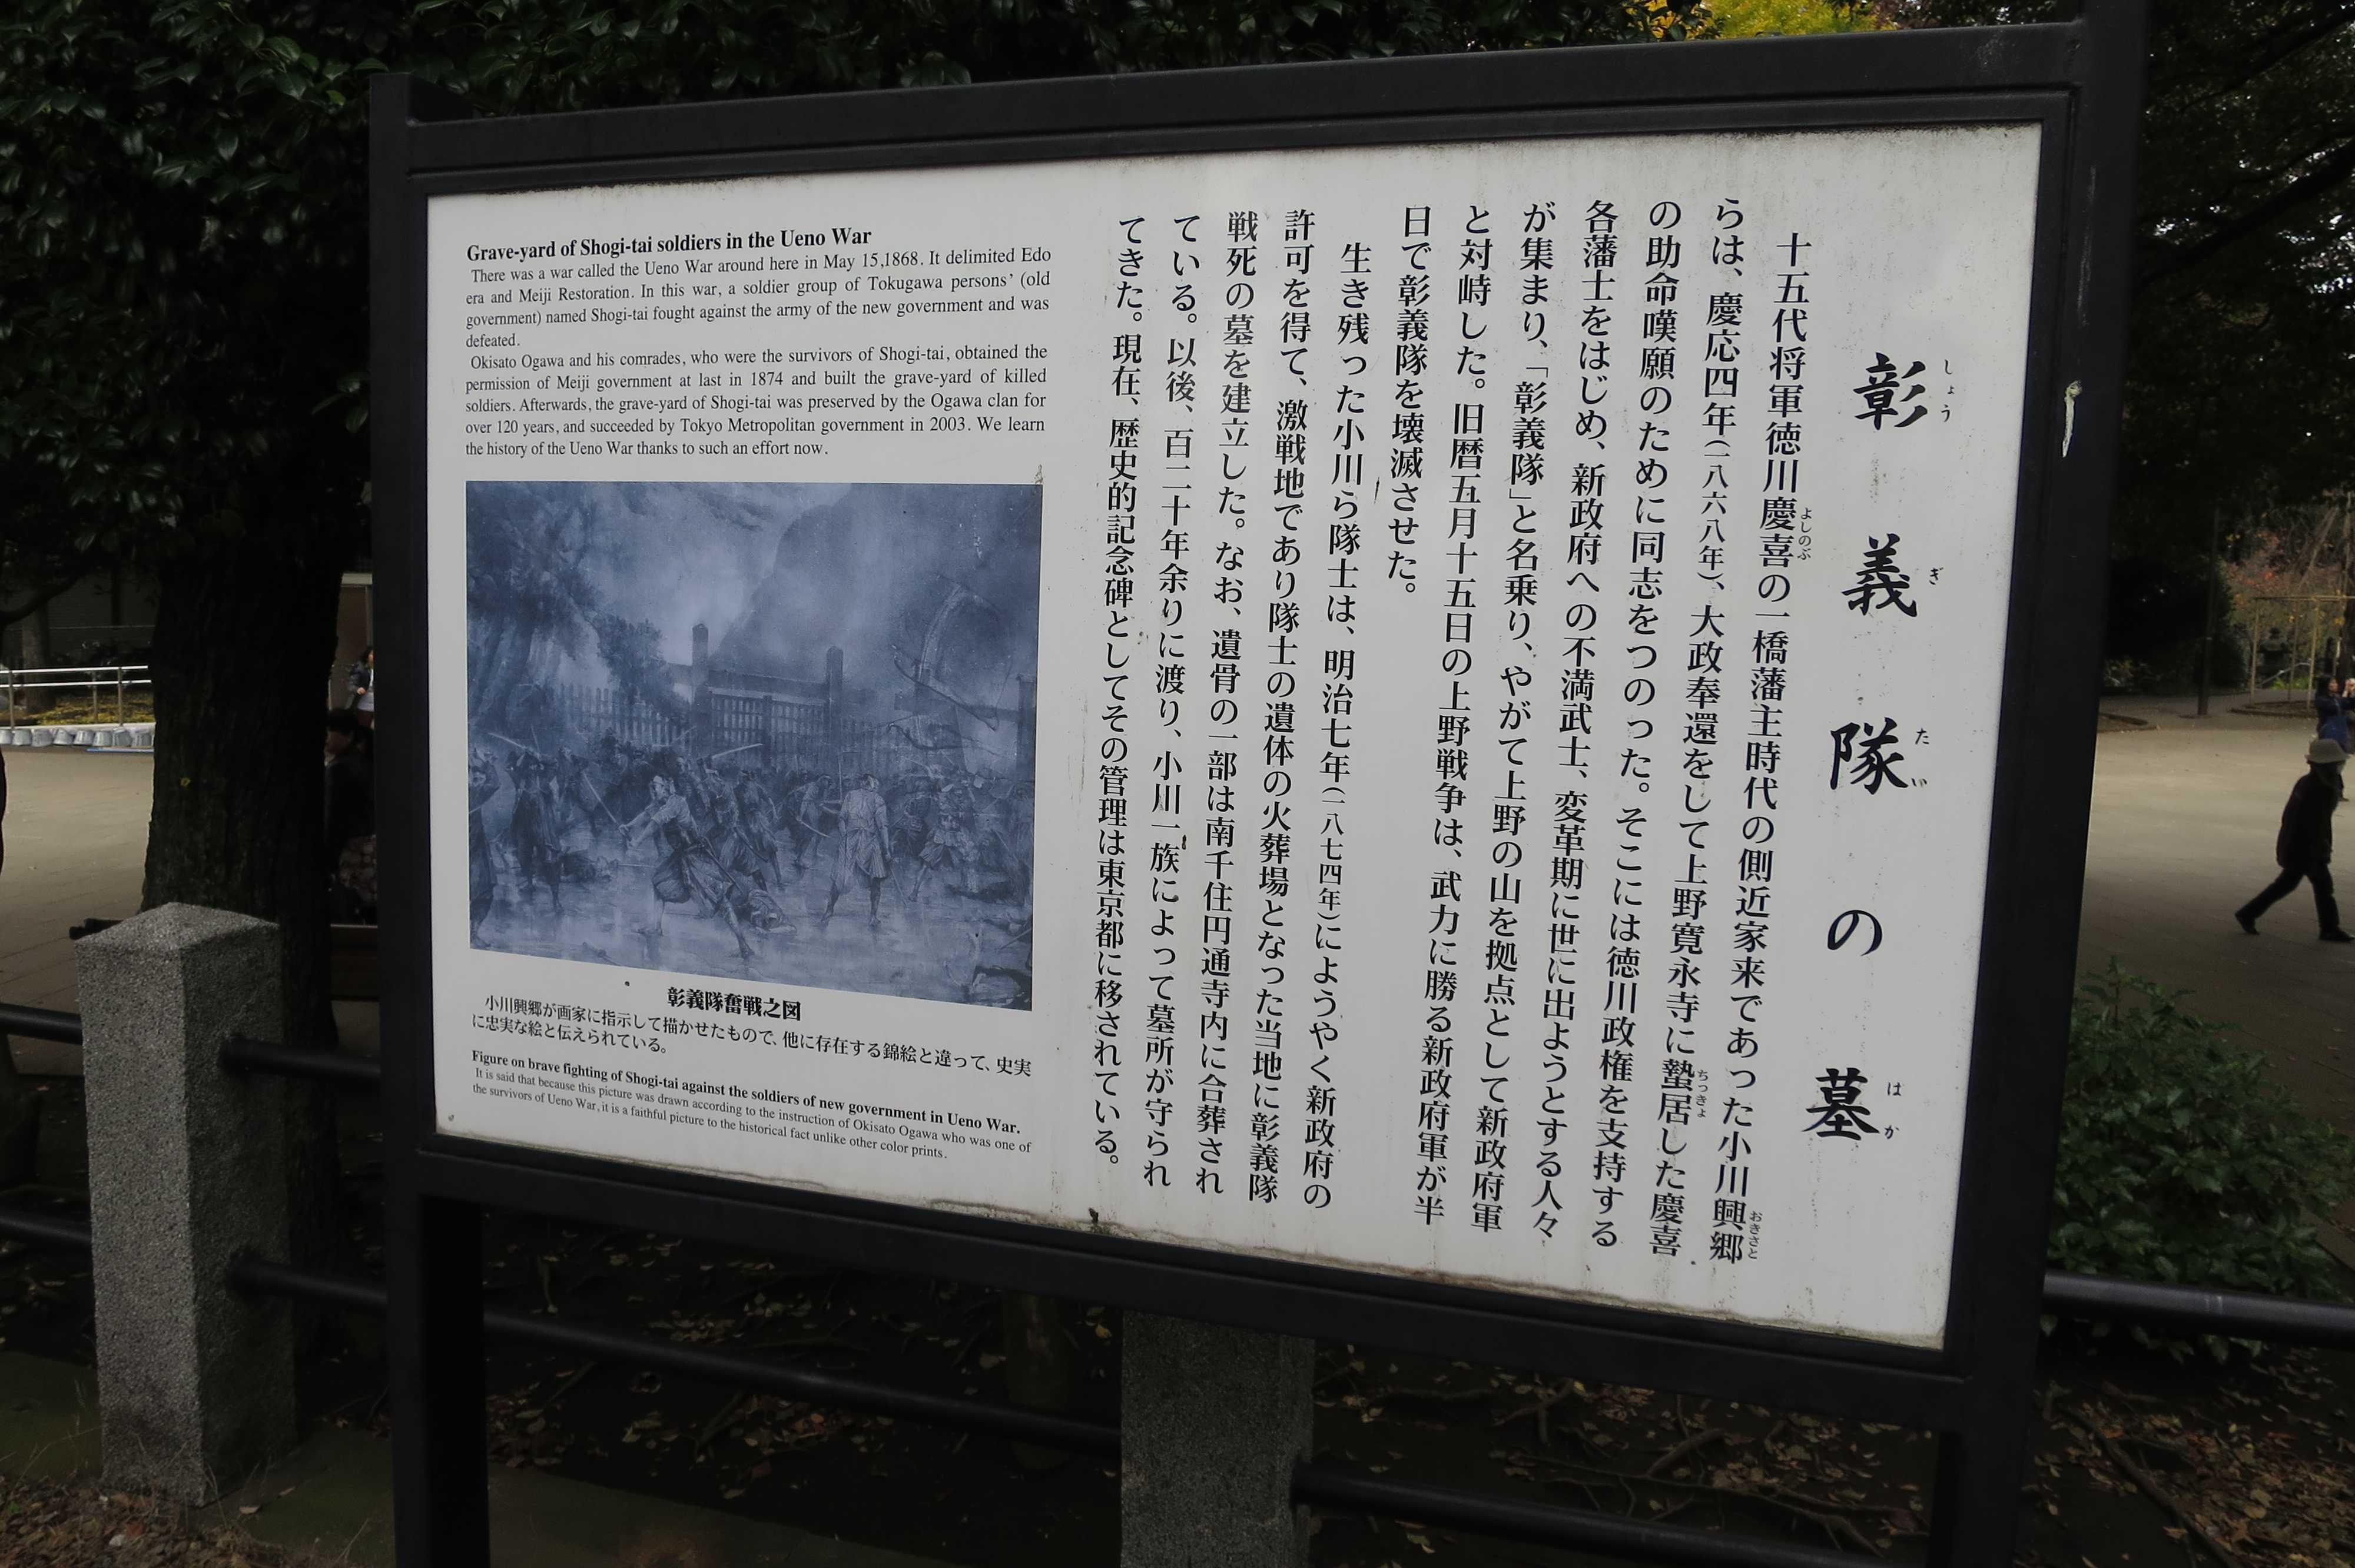 彰義隊の墓の説明板 - 上野公園